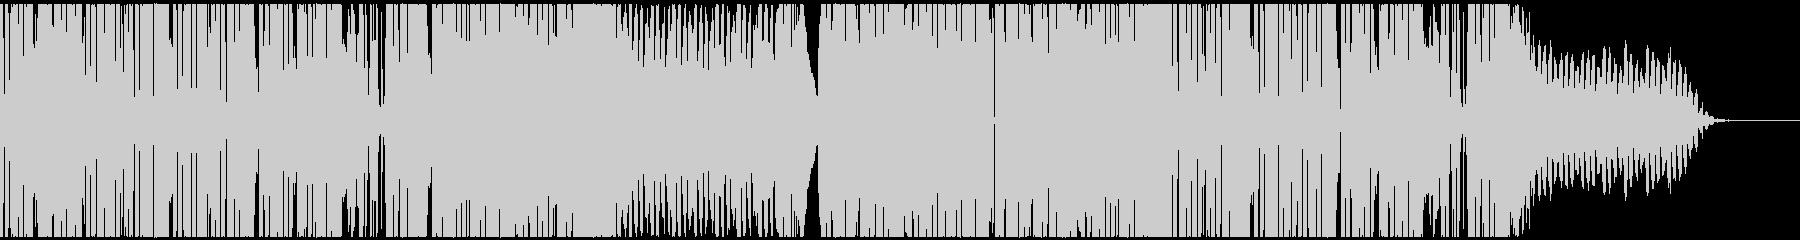 スタイリッシュでファンクなエレクトロの未再生の波形